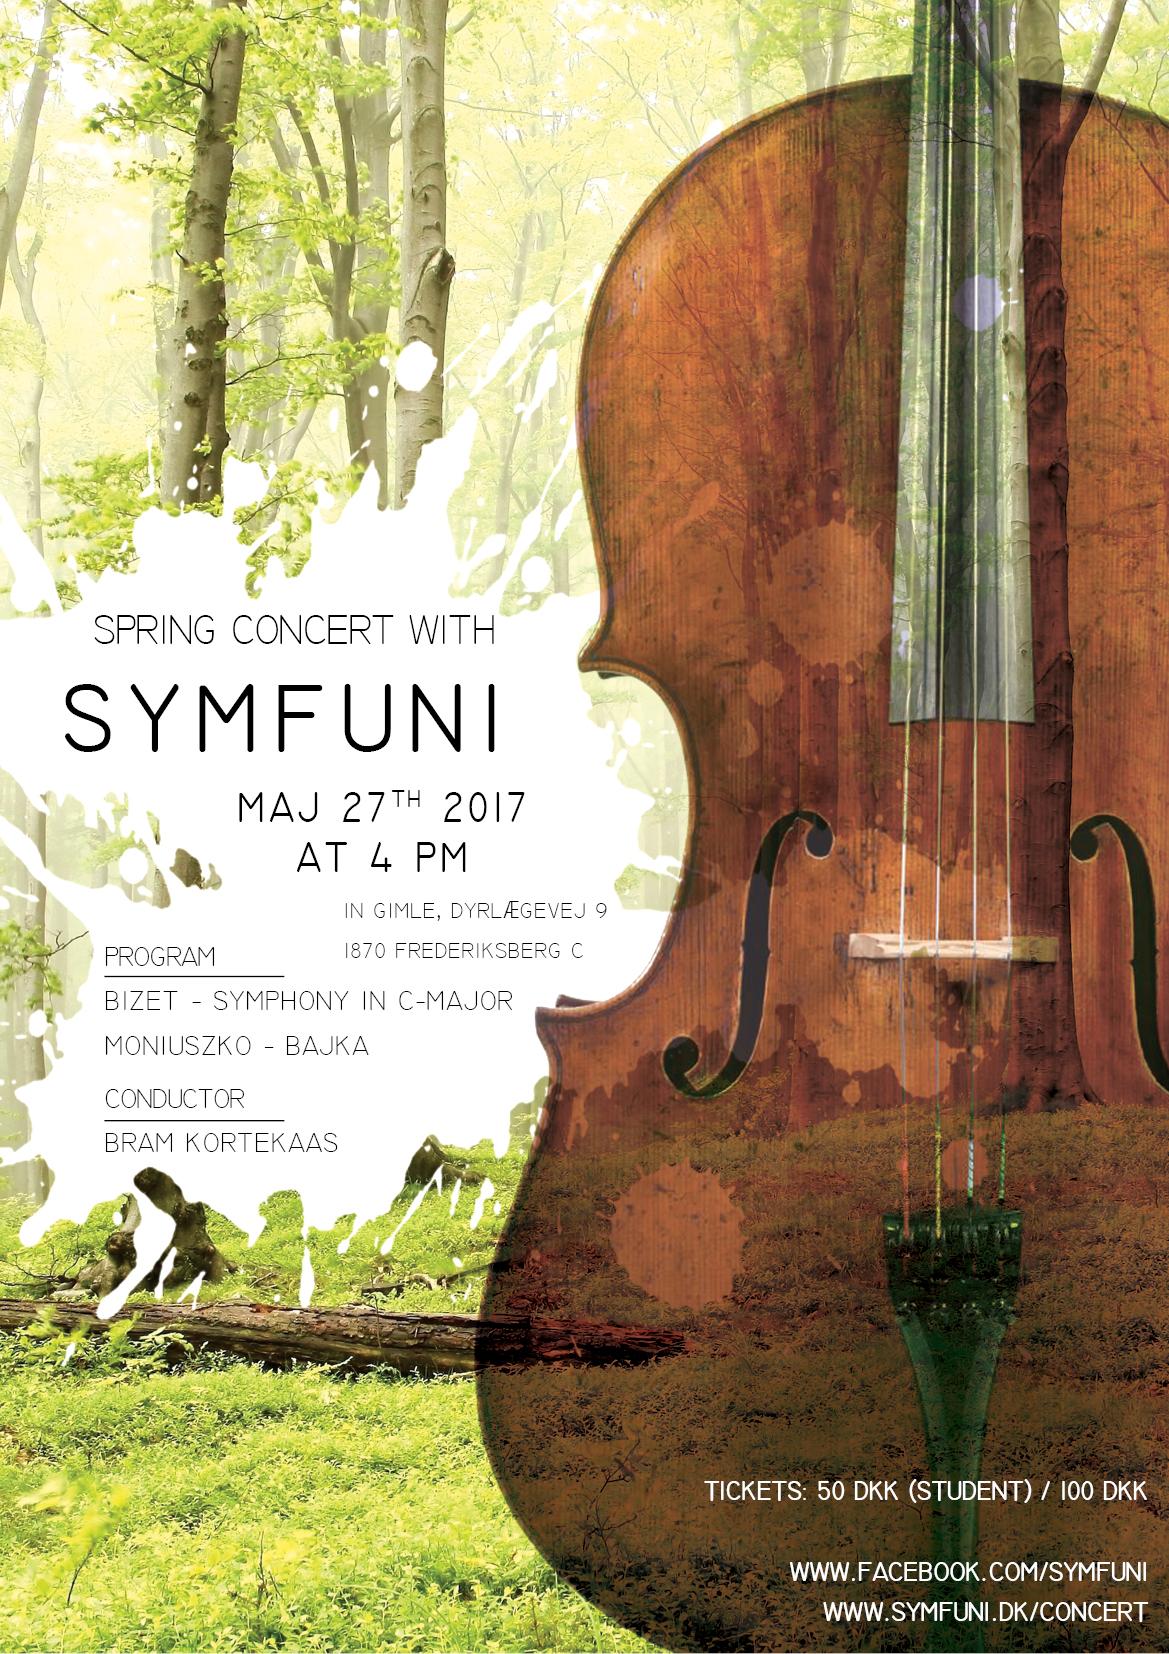 koncert københavn 18 maj